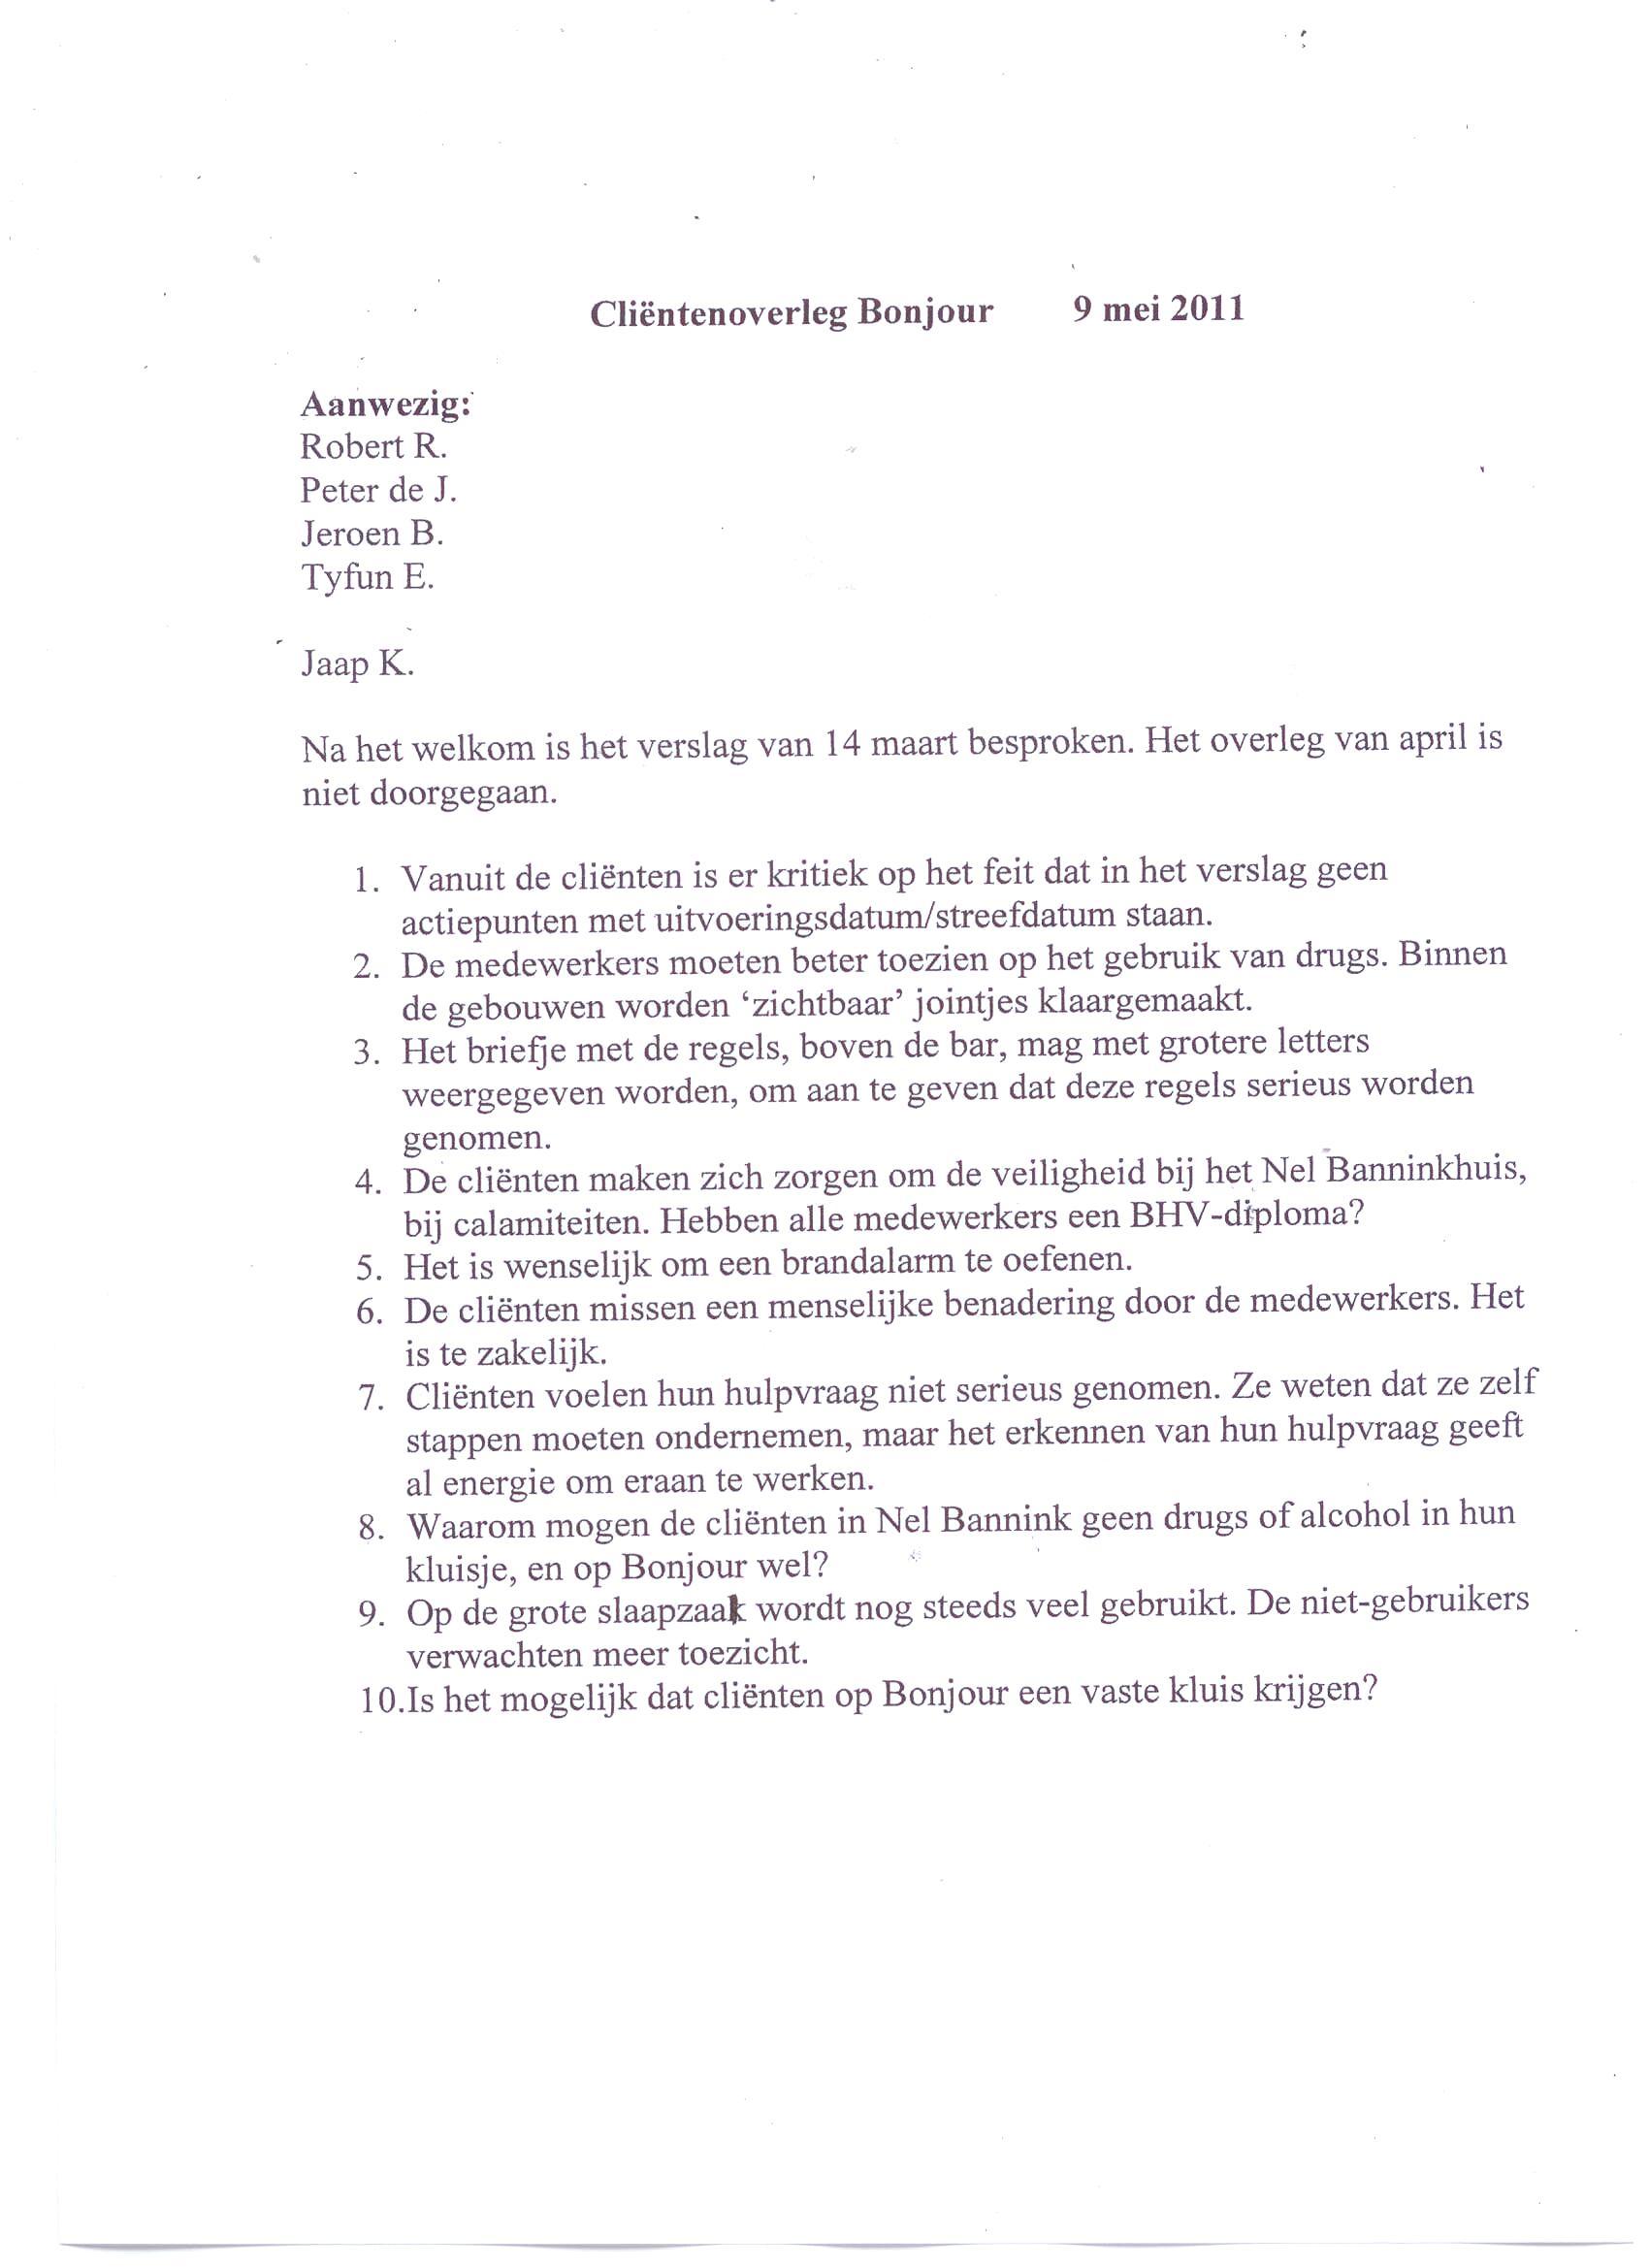 voorbeeld klachtenbrief politie Voorbeeld Klachtenbrief Politie | gantinova